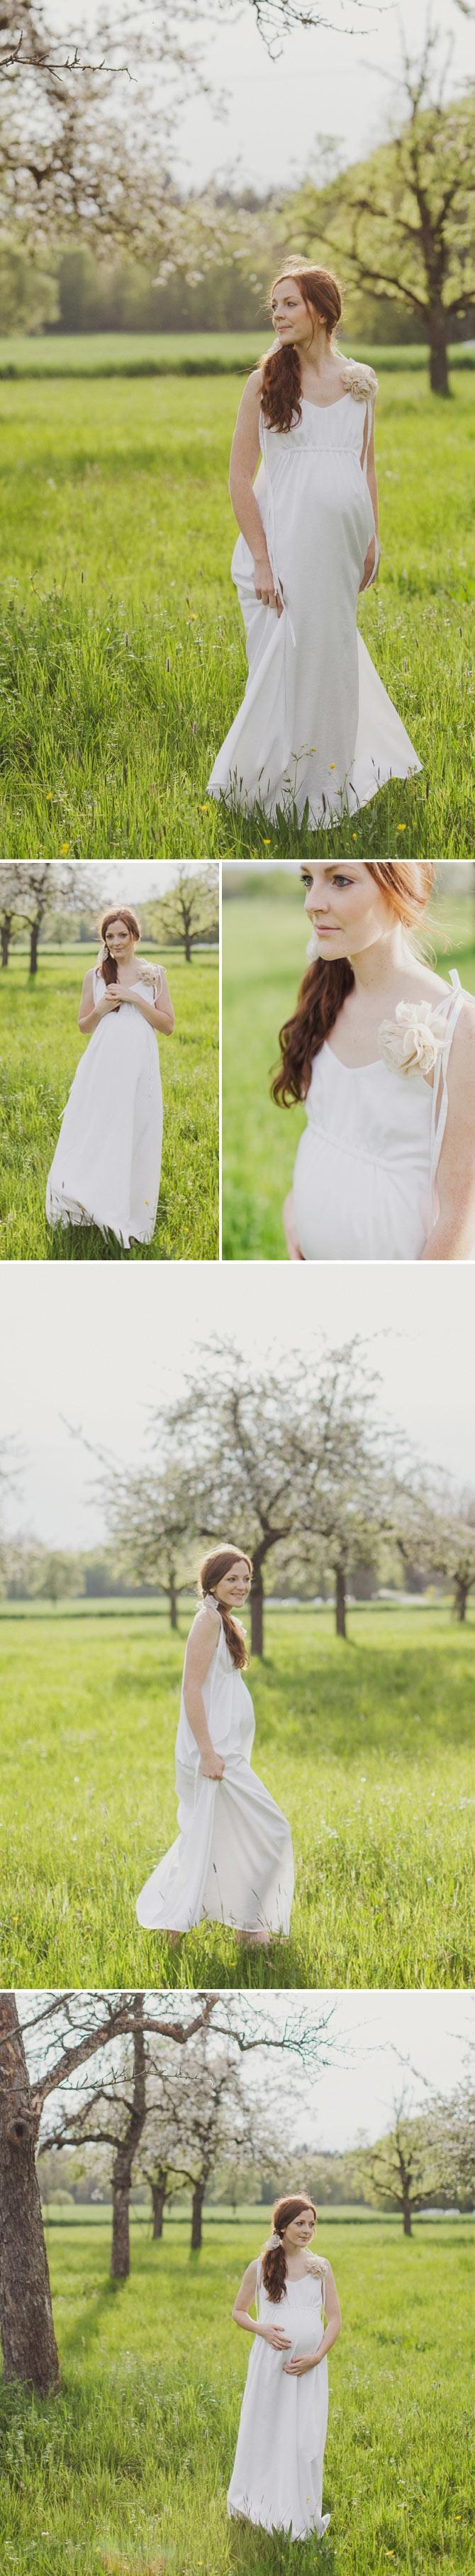 Brautkleider für Schwangere.  Bei der Erstellung der Kollektion haben wir auch an die werdenden Mütter gedacht und locker leichte Brautkleider für Schwangere entworfen. www.soeurcoeur.de